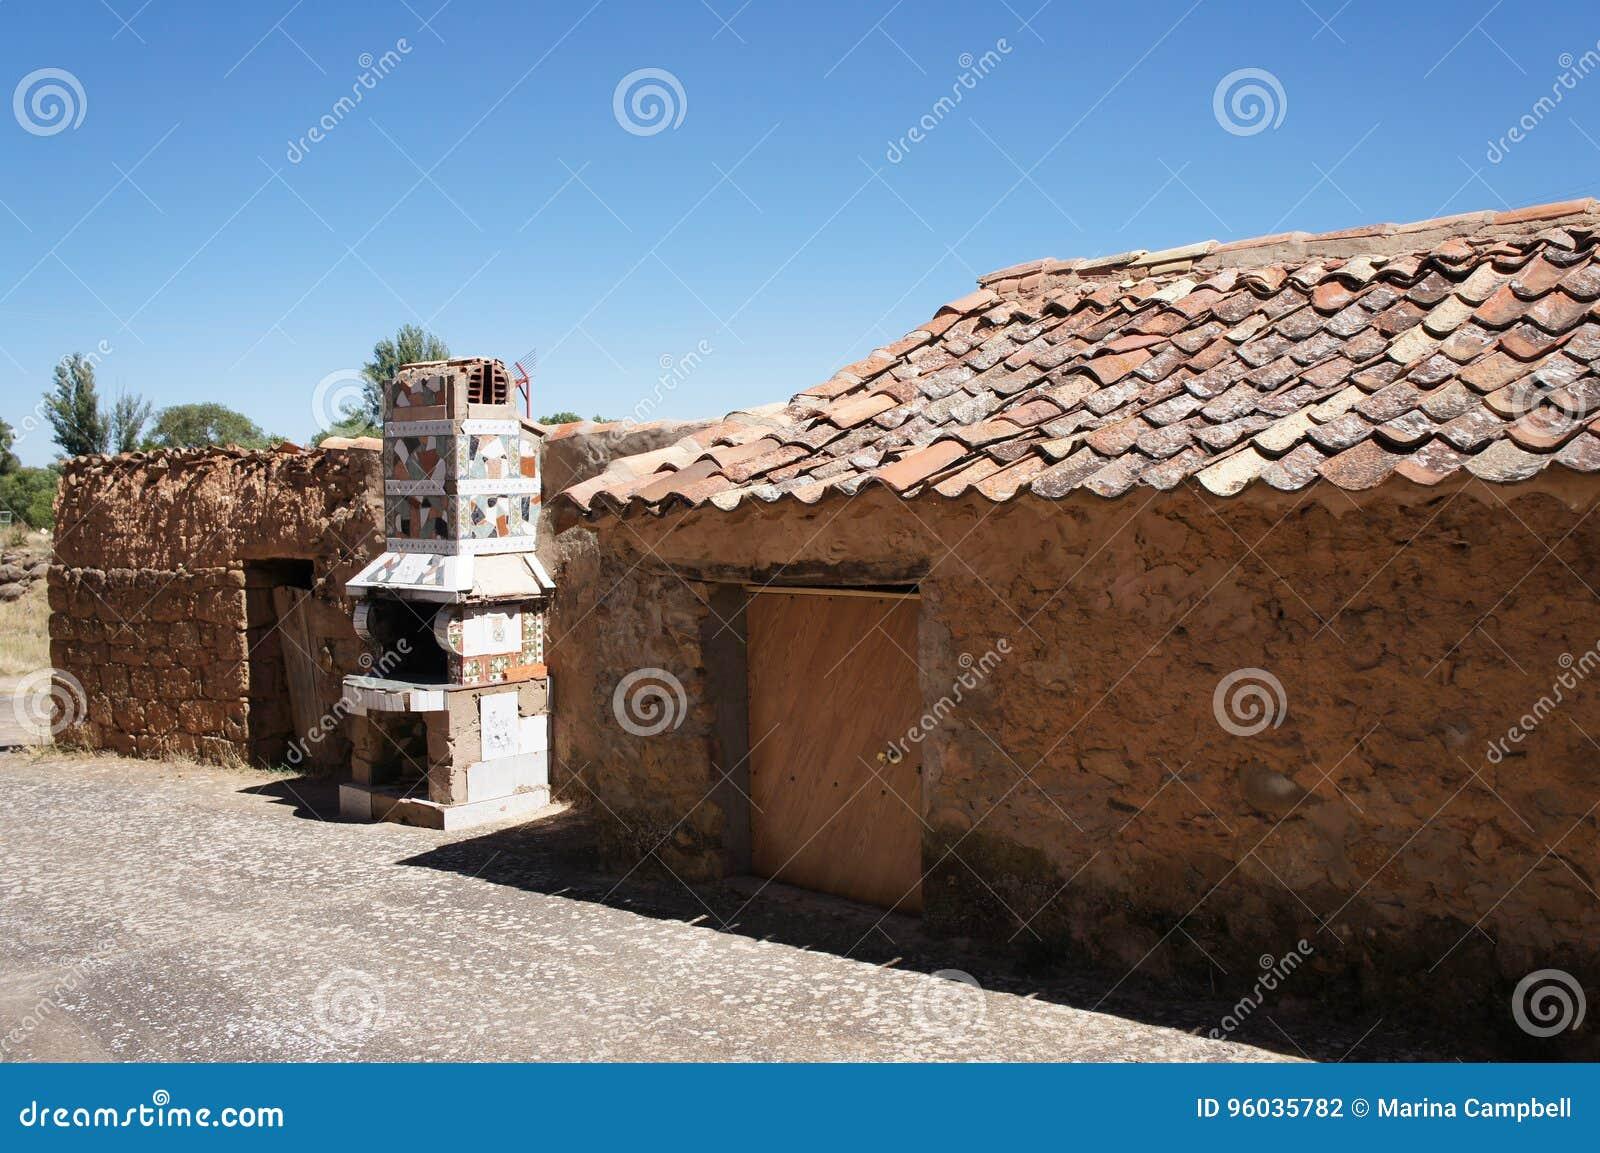 Stary dom w Hiszpańskiej wiosce, dom z ceramiczną kuchenką